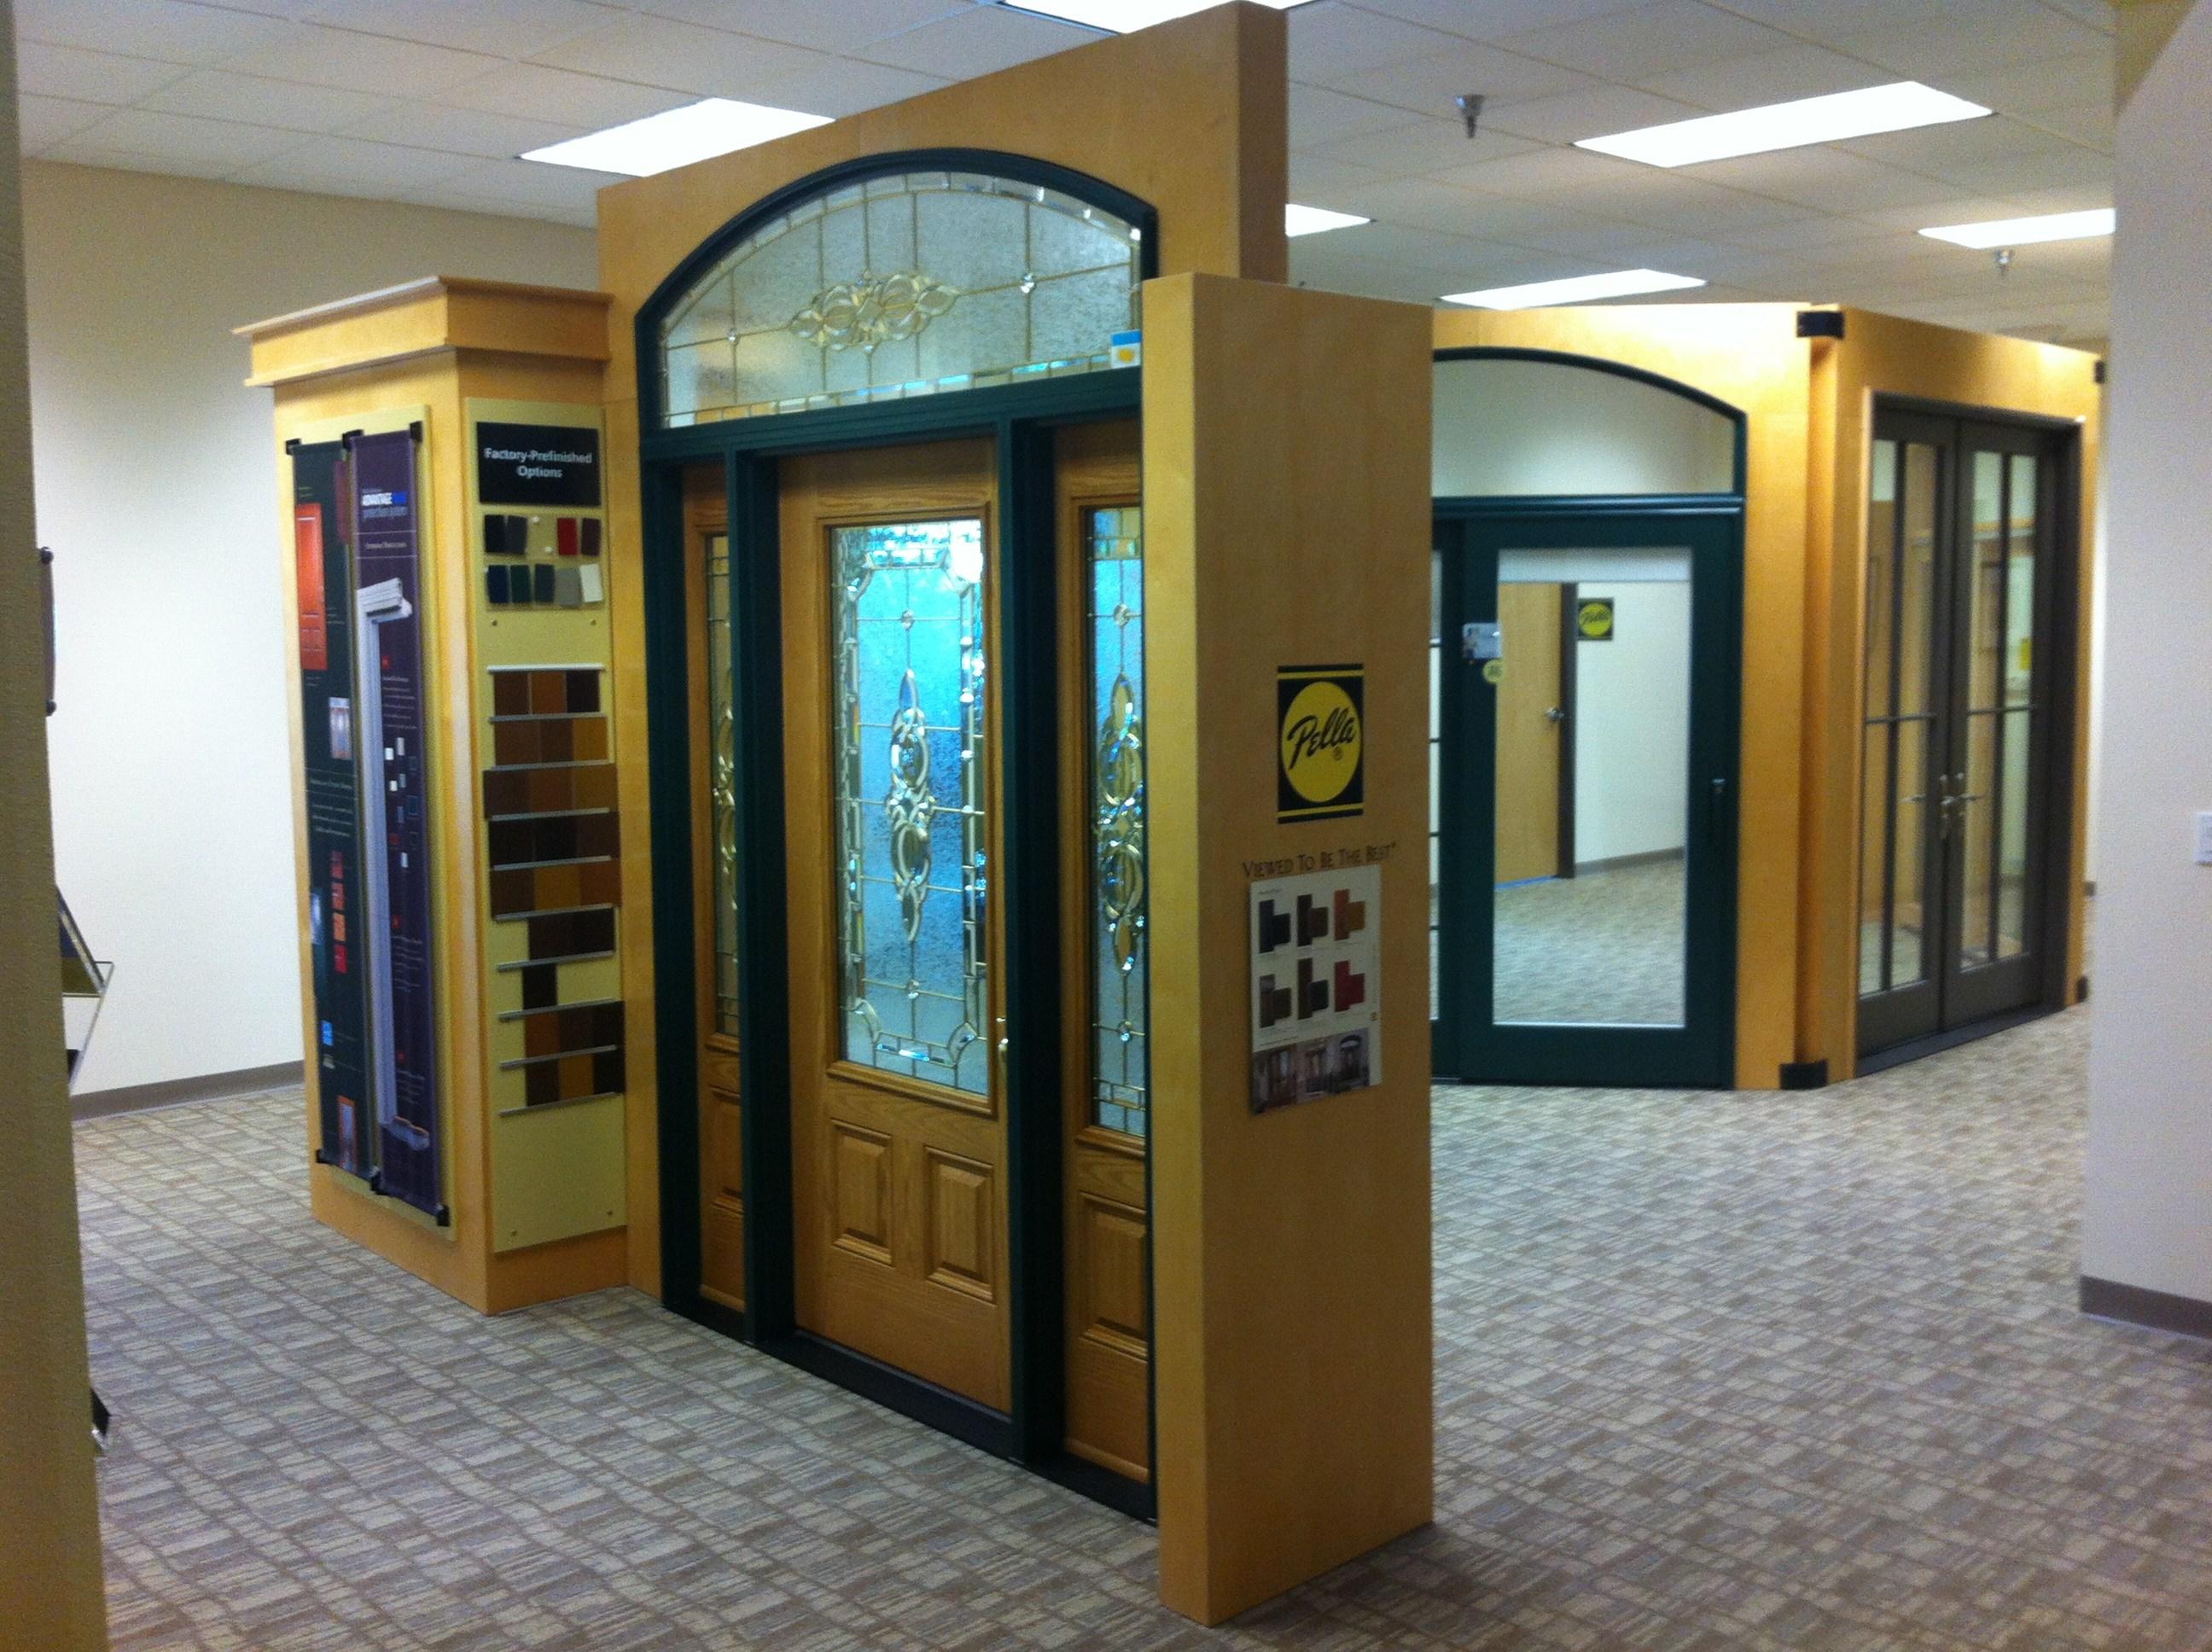 Pella Windows And Doors Albuquerque Nm 87109 Angies List